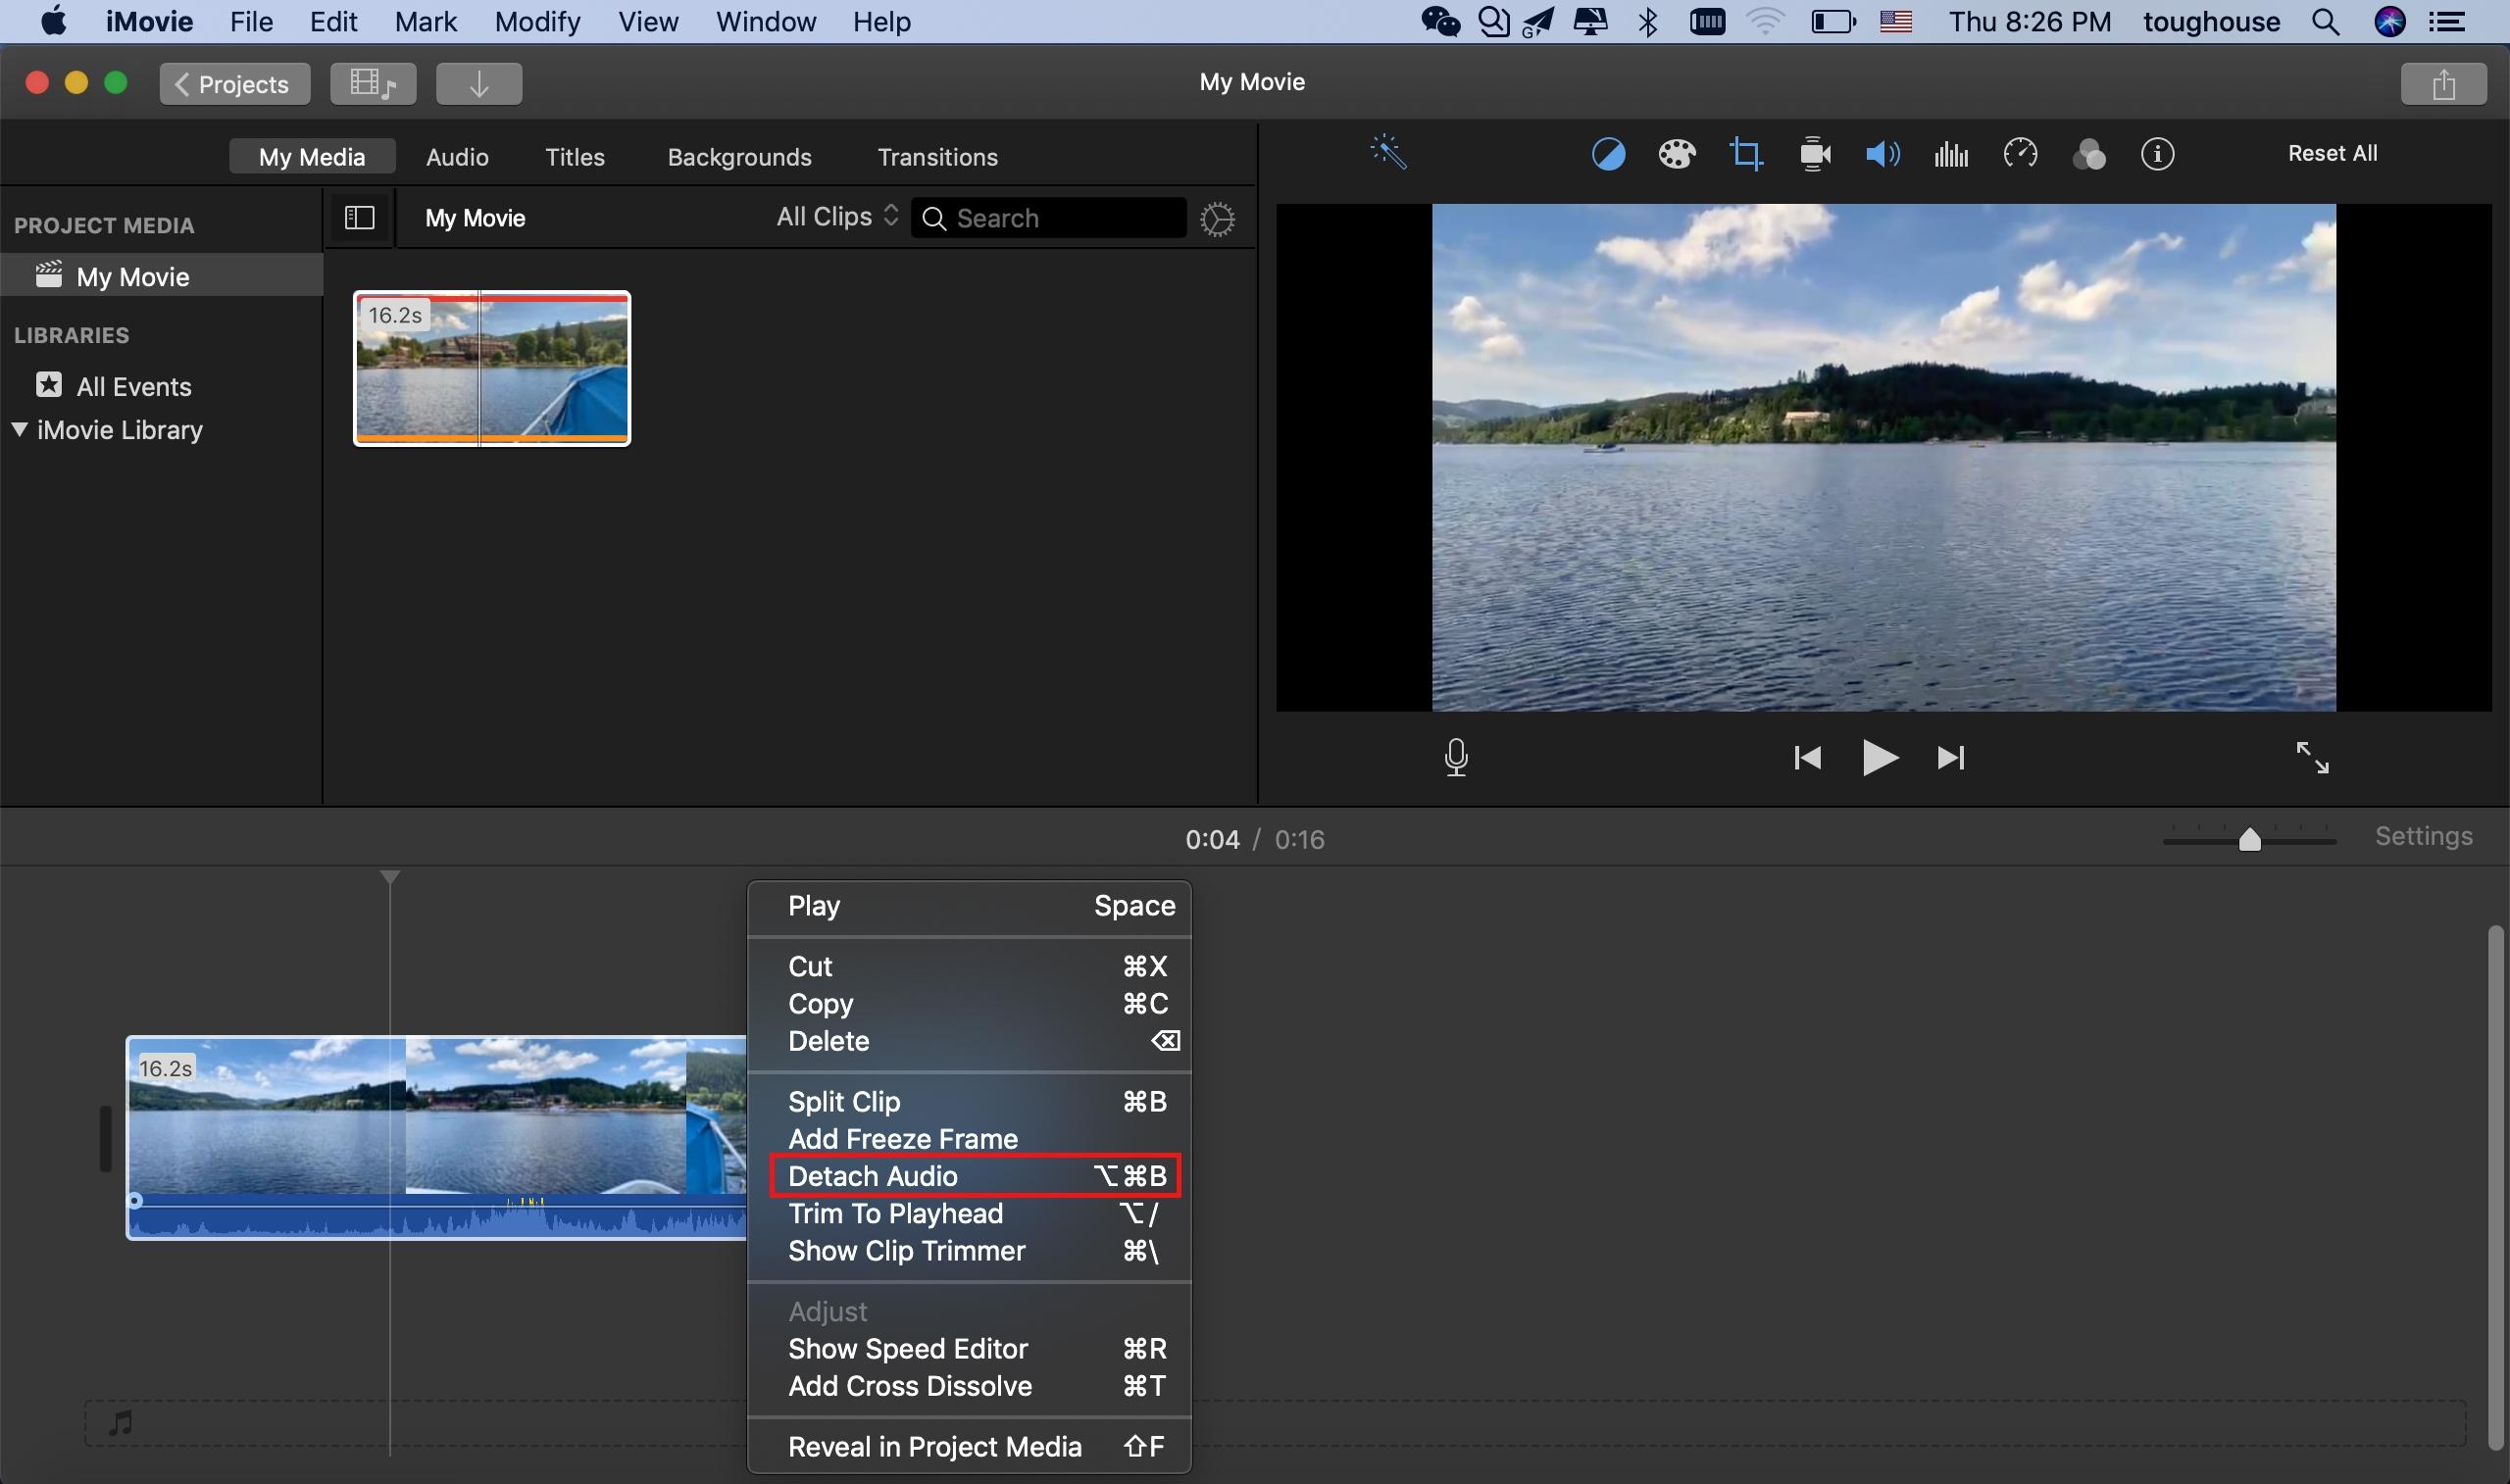 Comment mettre en sourdine le bruit de fond vidéo/audio dans iMovie